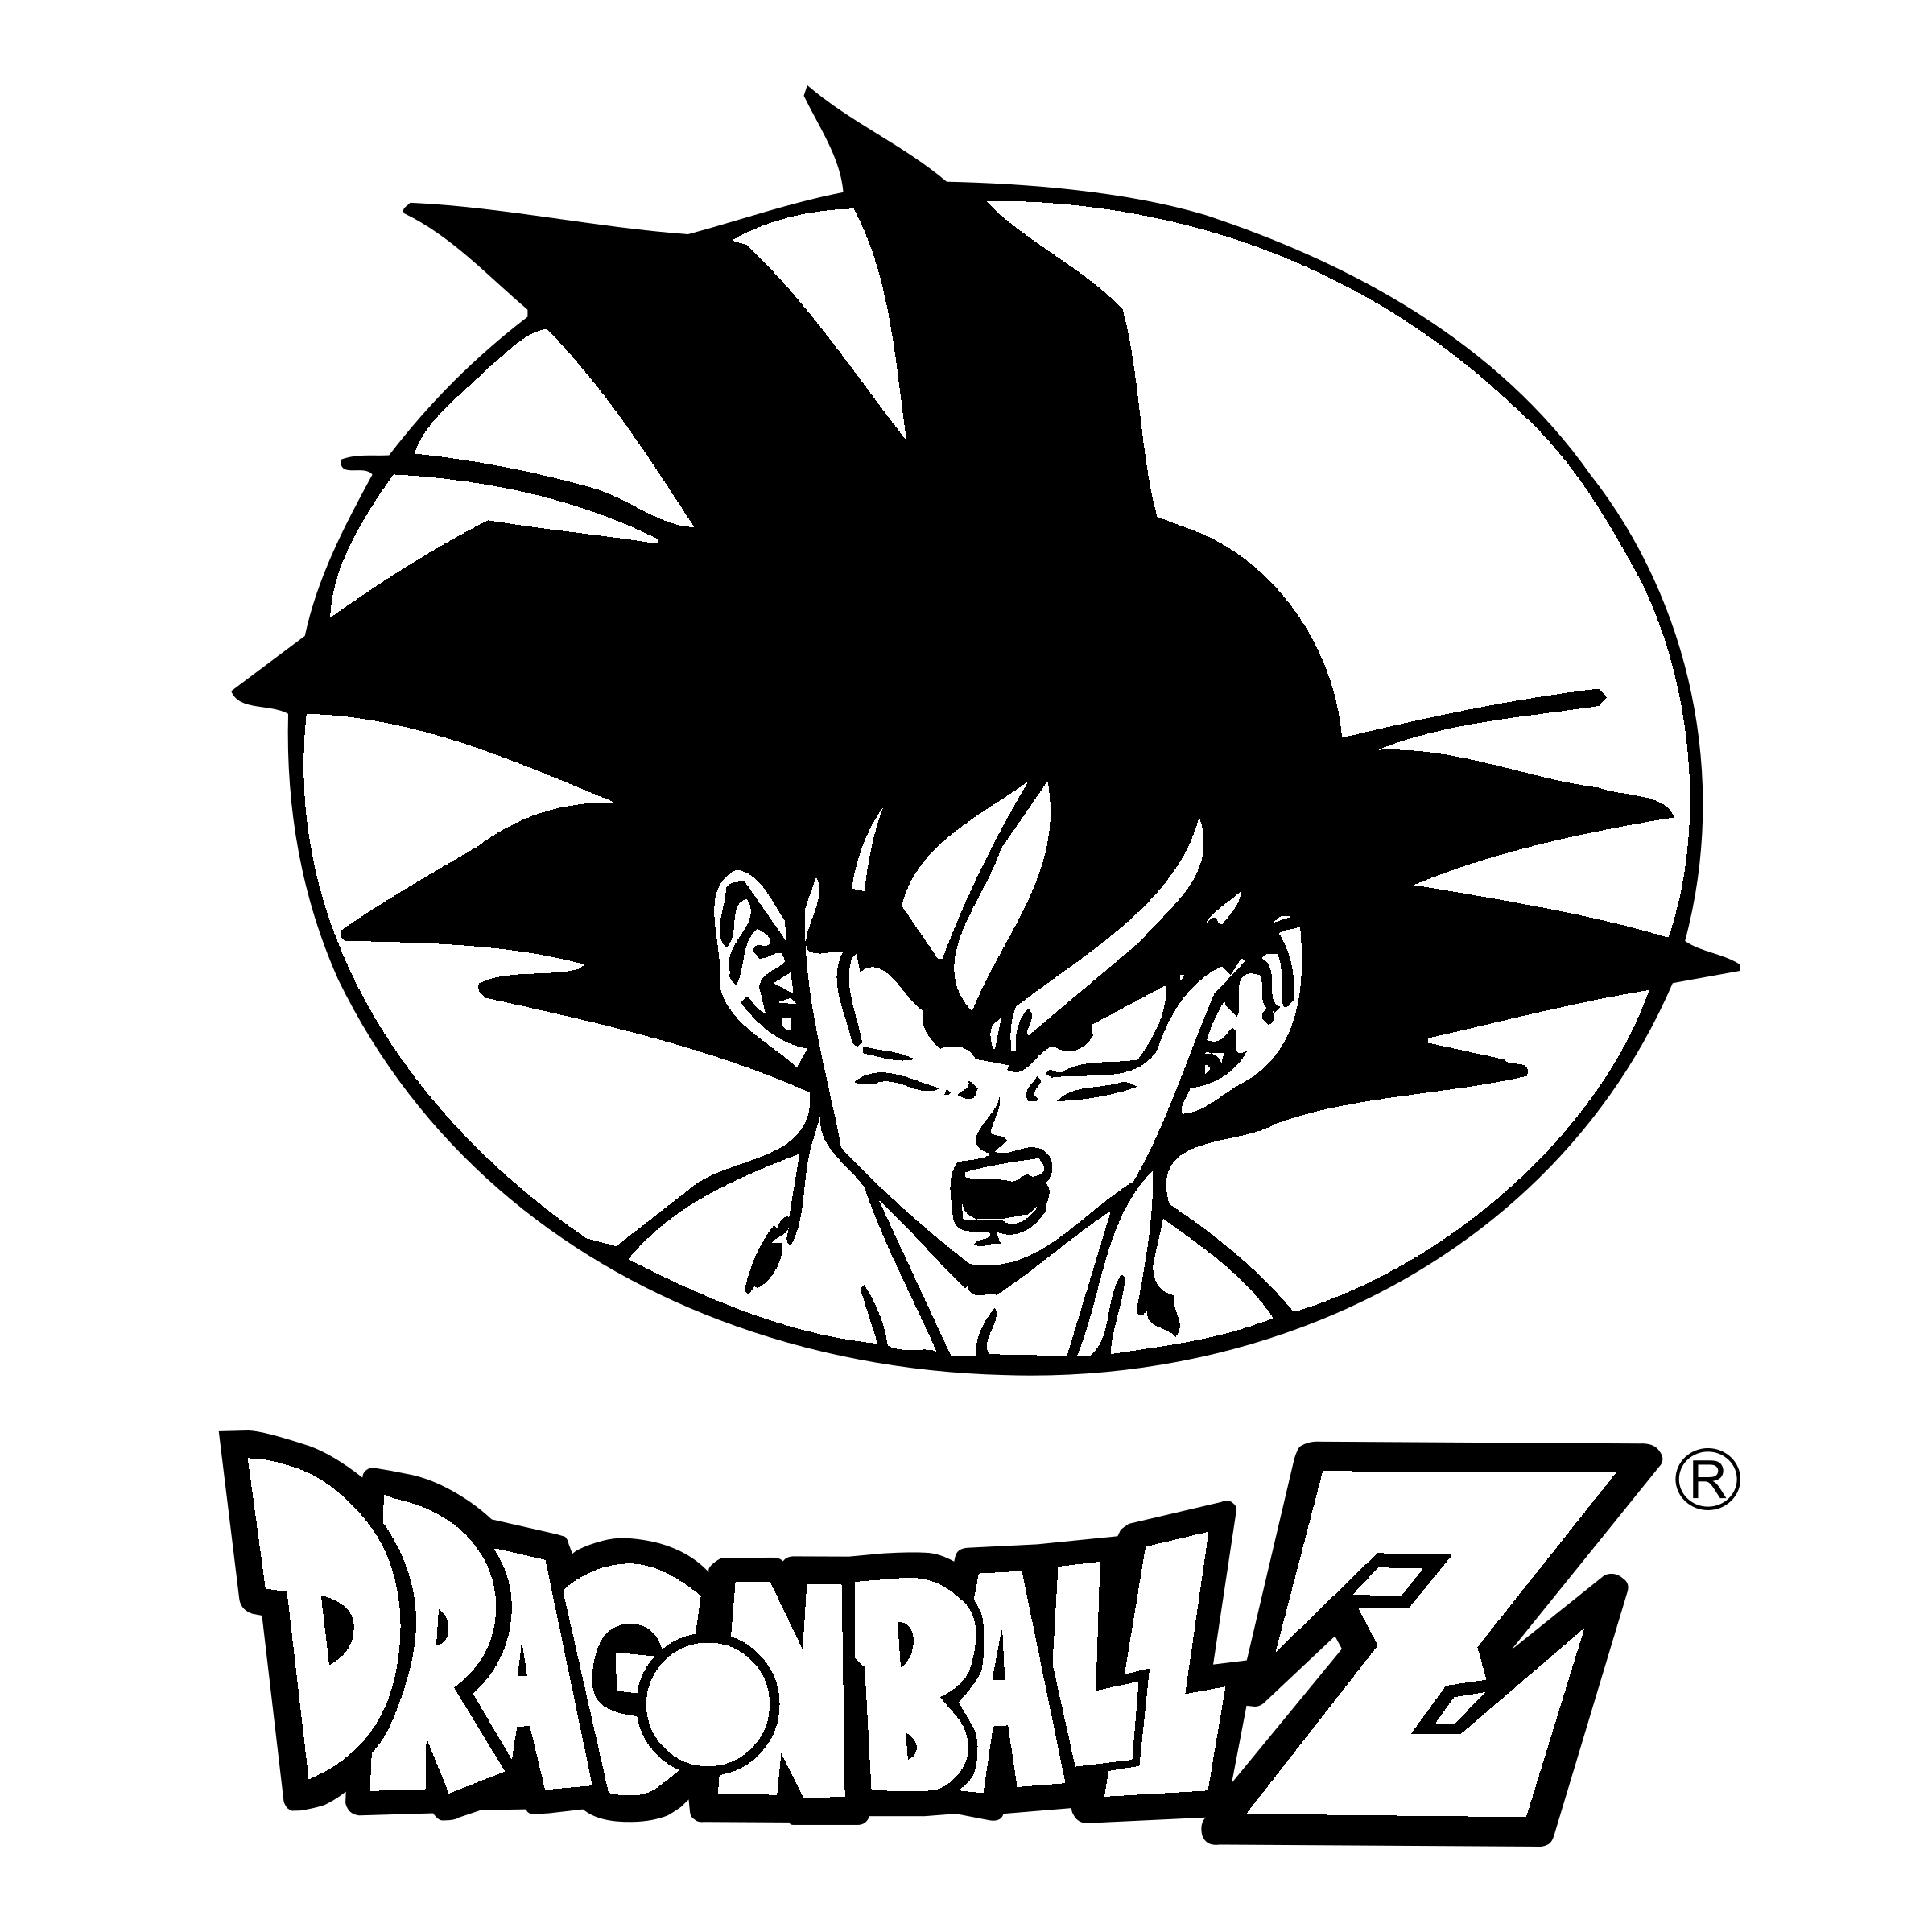 Dragon Ball Z Logo - LogoDix